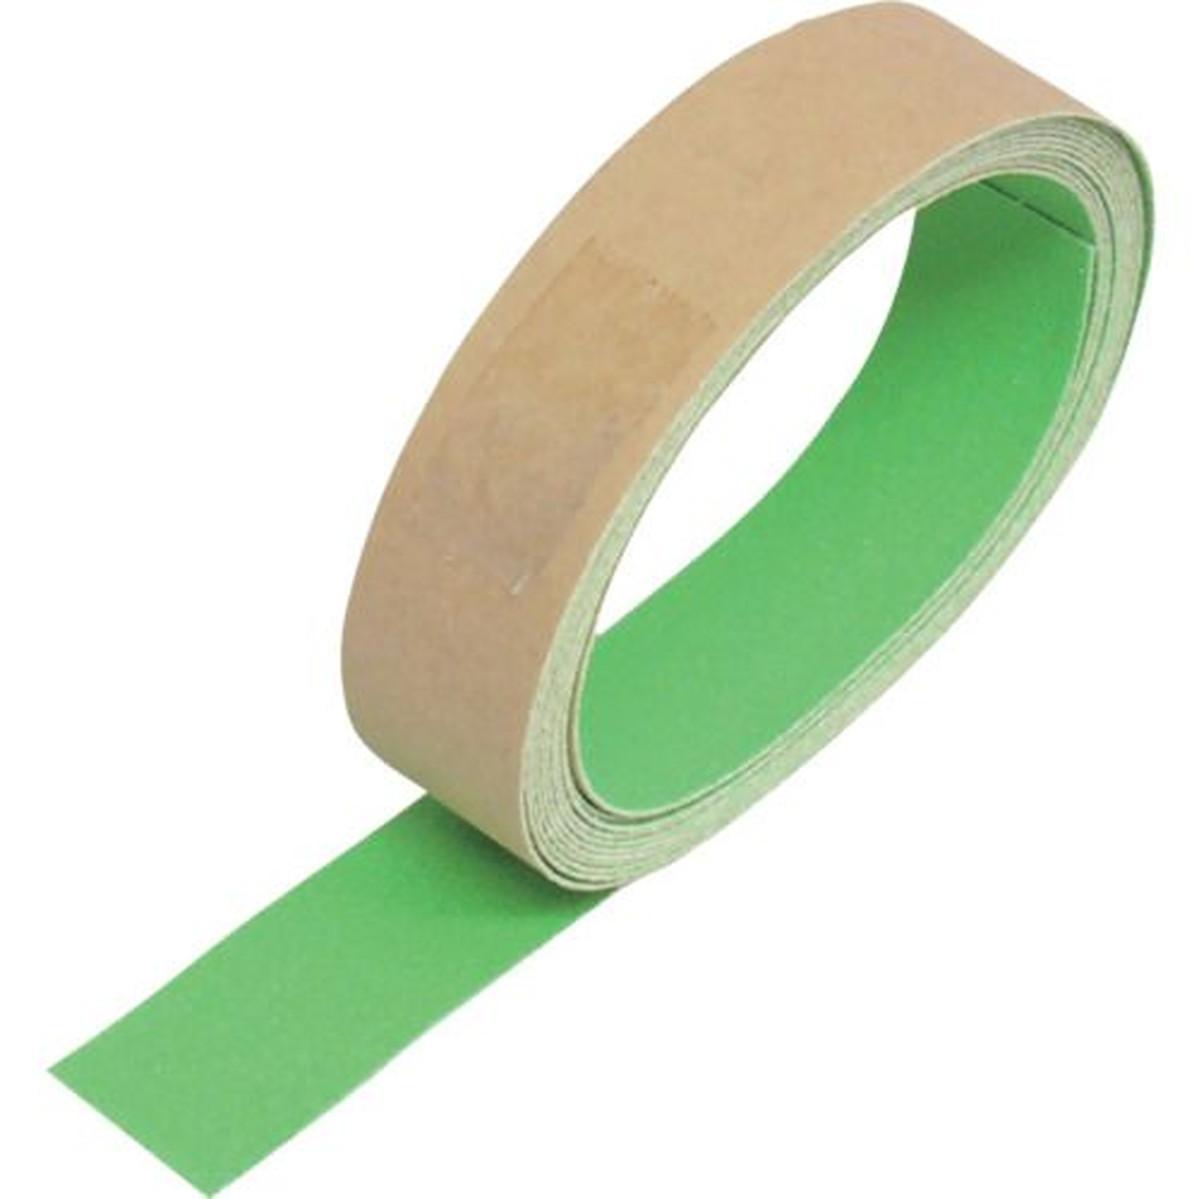 あす楽対応 DIY用品 TRUSCO 蛍光ノンスリップテープ 全国どこでも送料無料 25mmX3m 屋外用 1巻 緑 驚きの値段で